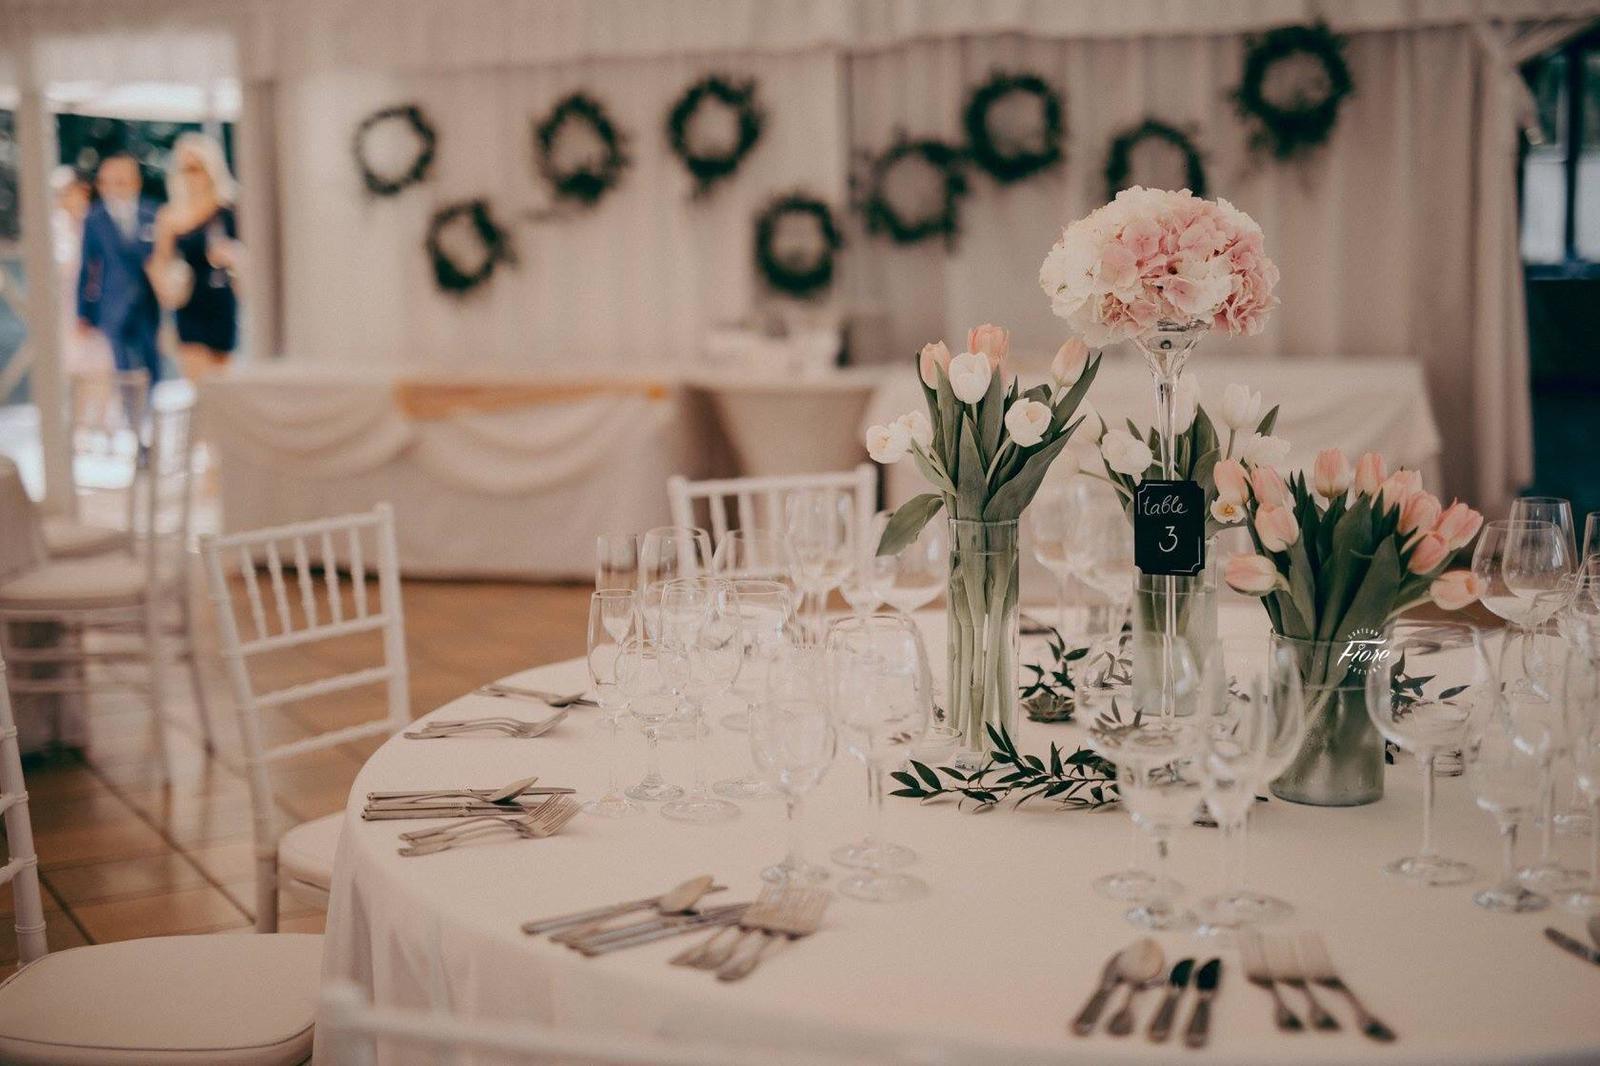 Skleněné vázy na svatbu